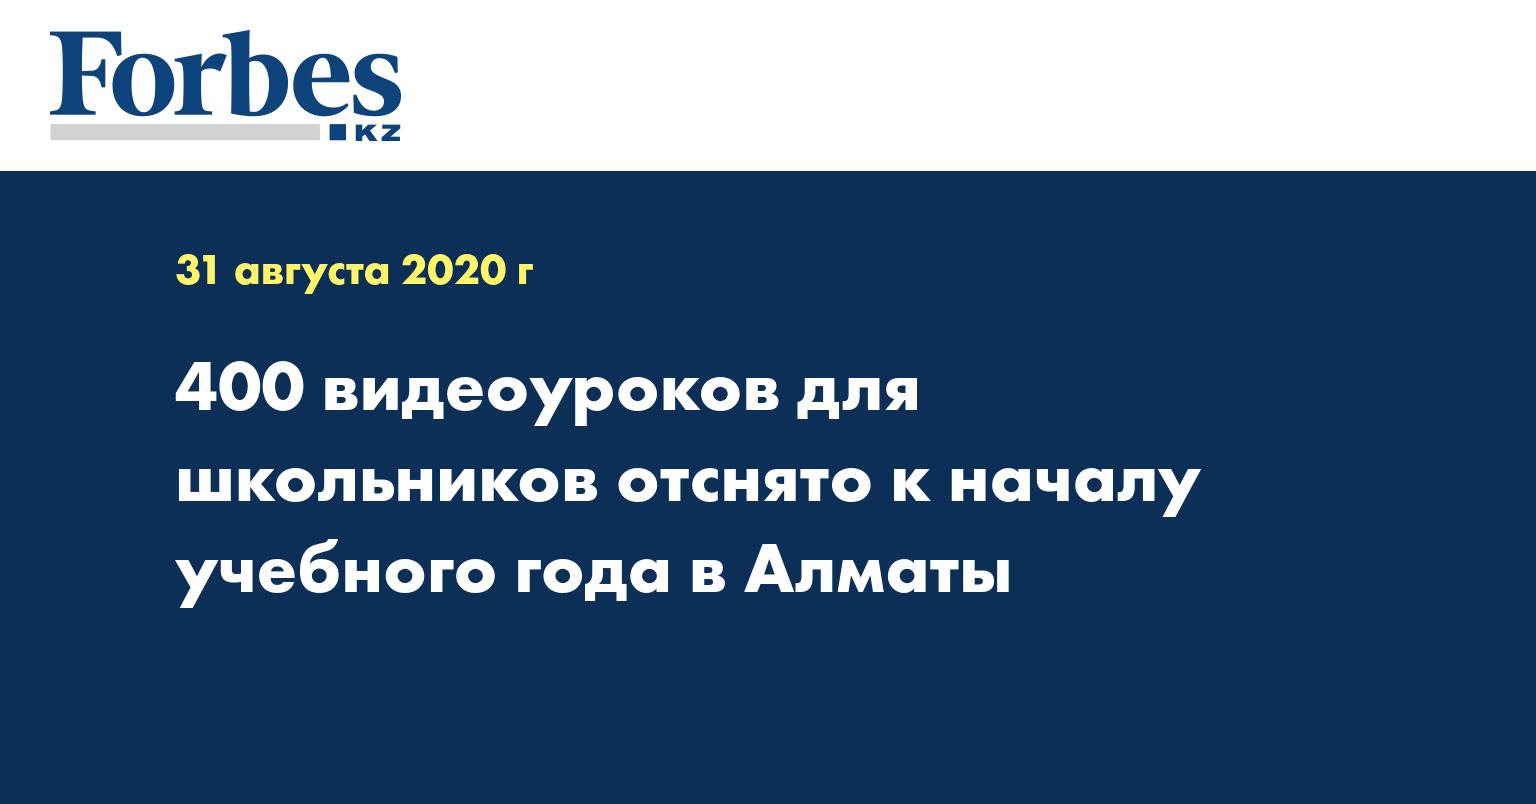 400 видеоуроков для школьников отснято к началу учебного года в Алматы